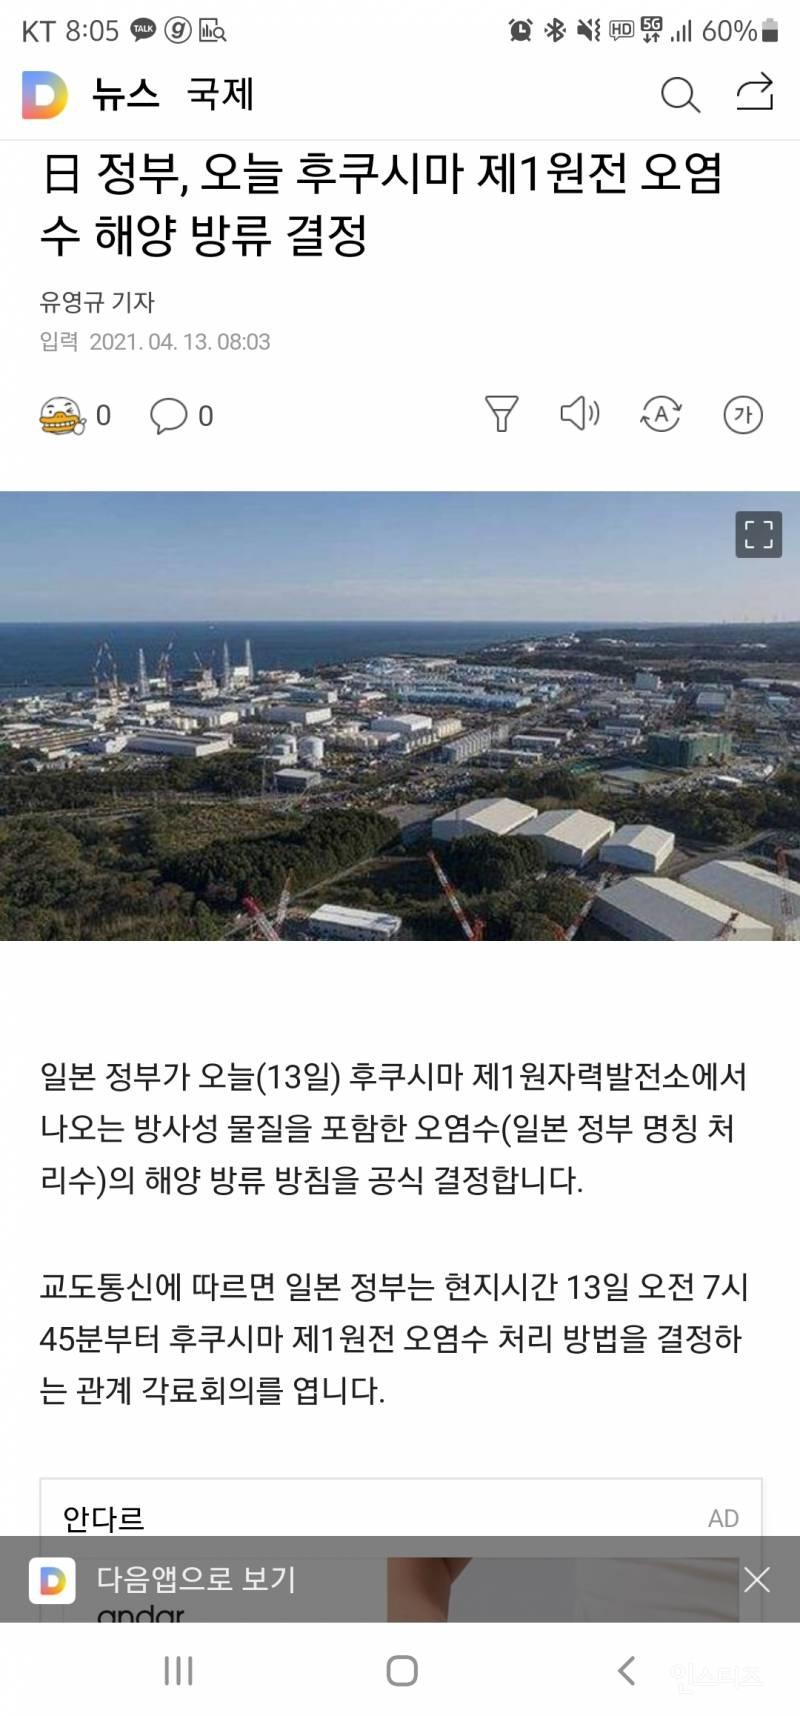 日 정부, 오늘 후쿠시마 제1원전 오염수 해양 방류 결정 | 인스티즈